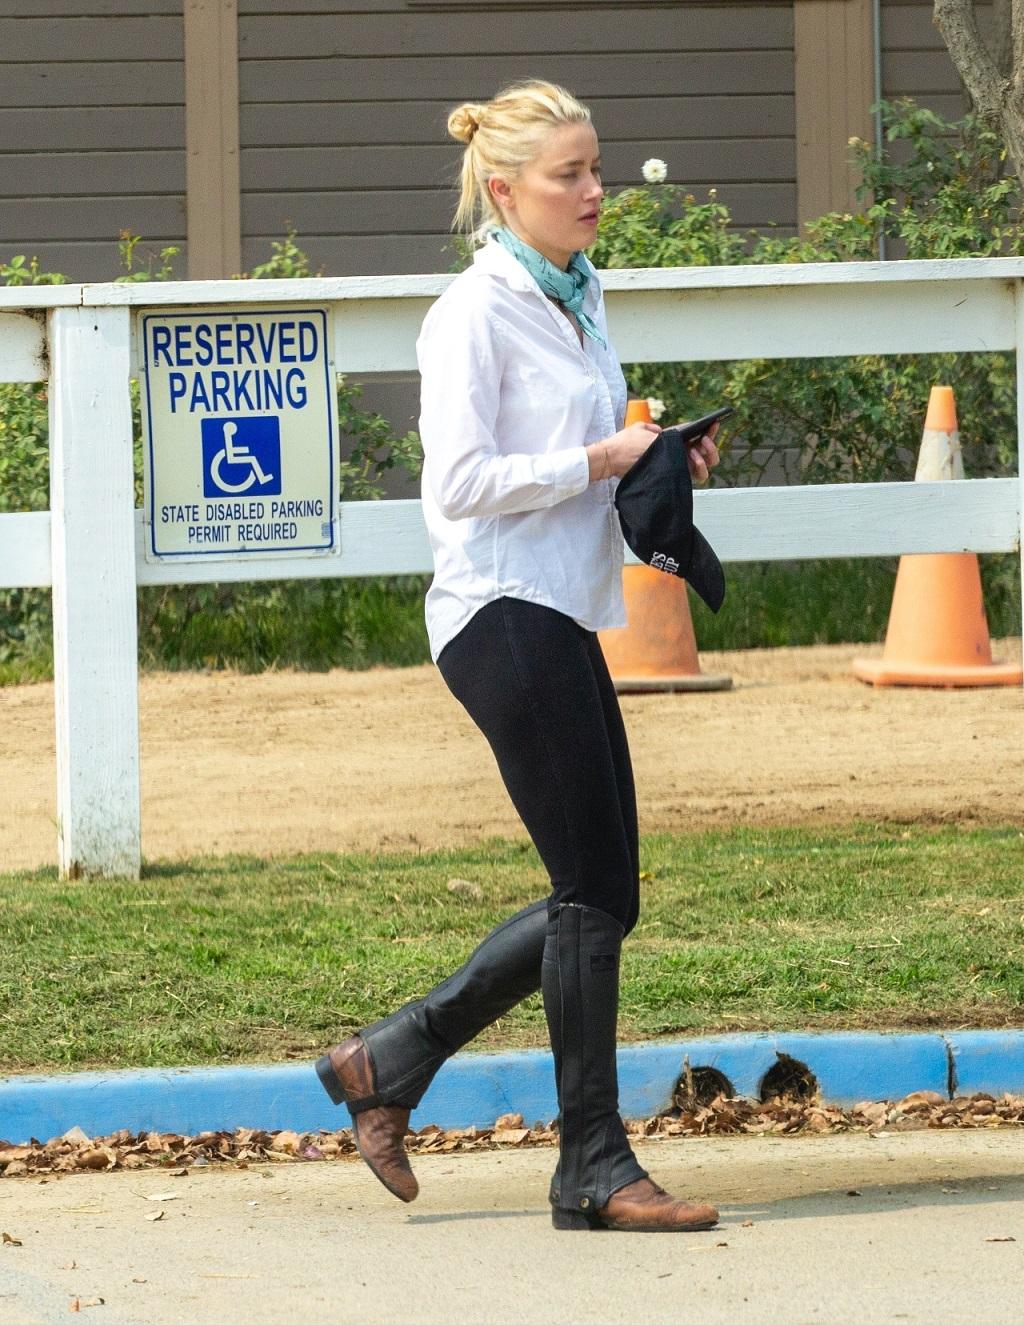 Amber Heard po stresach związanych z rozwodem relaksuje się w stadninie koni.